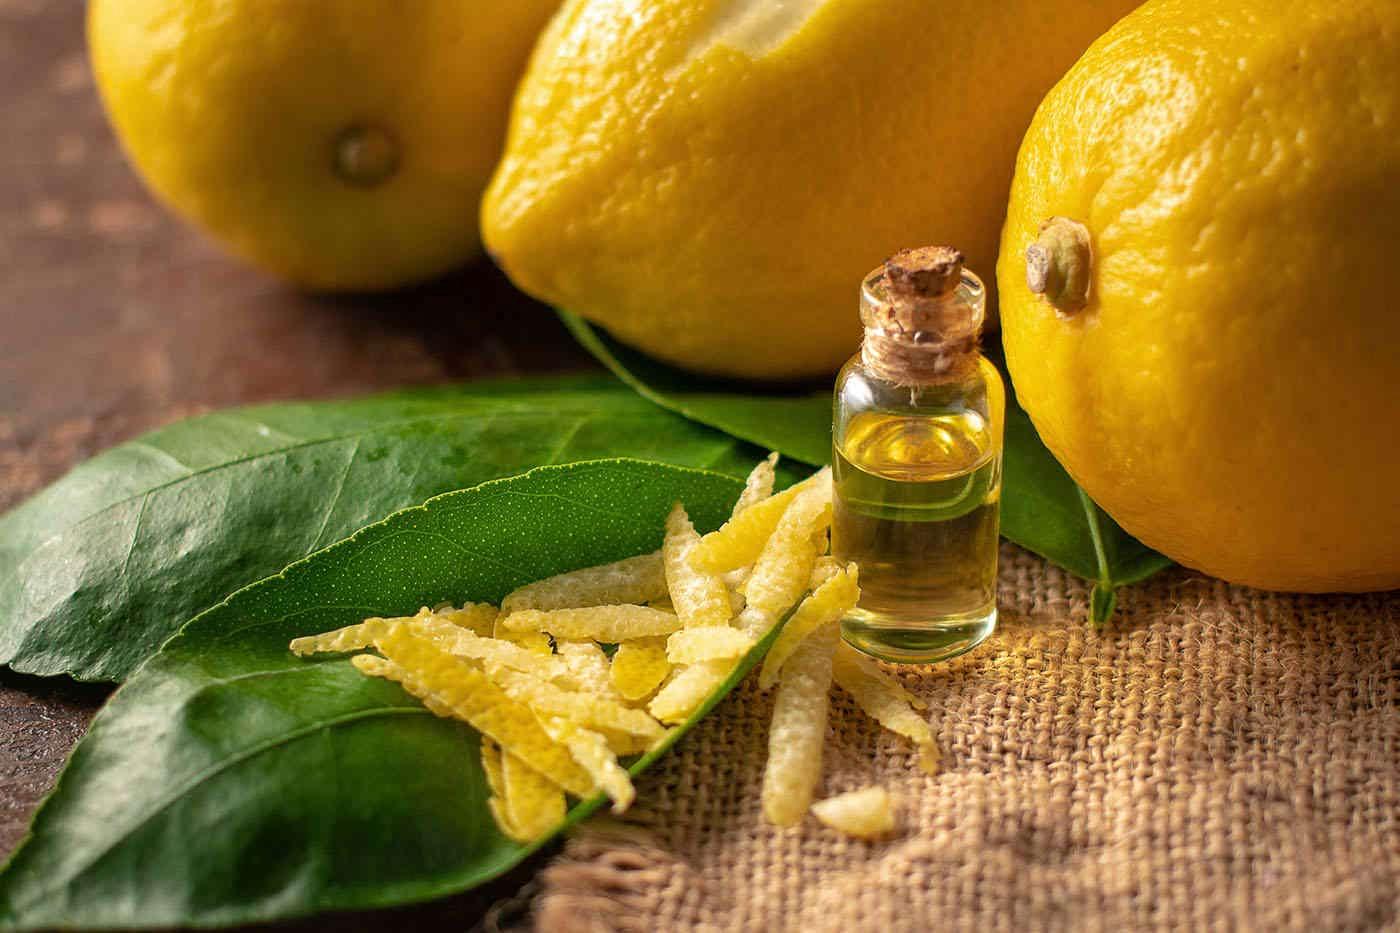 Uleiul esențial de lămâie poate contribui la sănătatea pielii